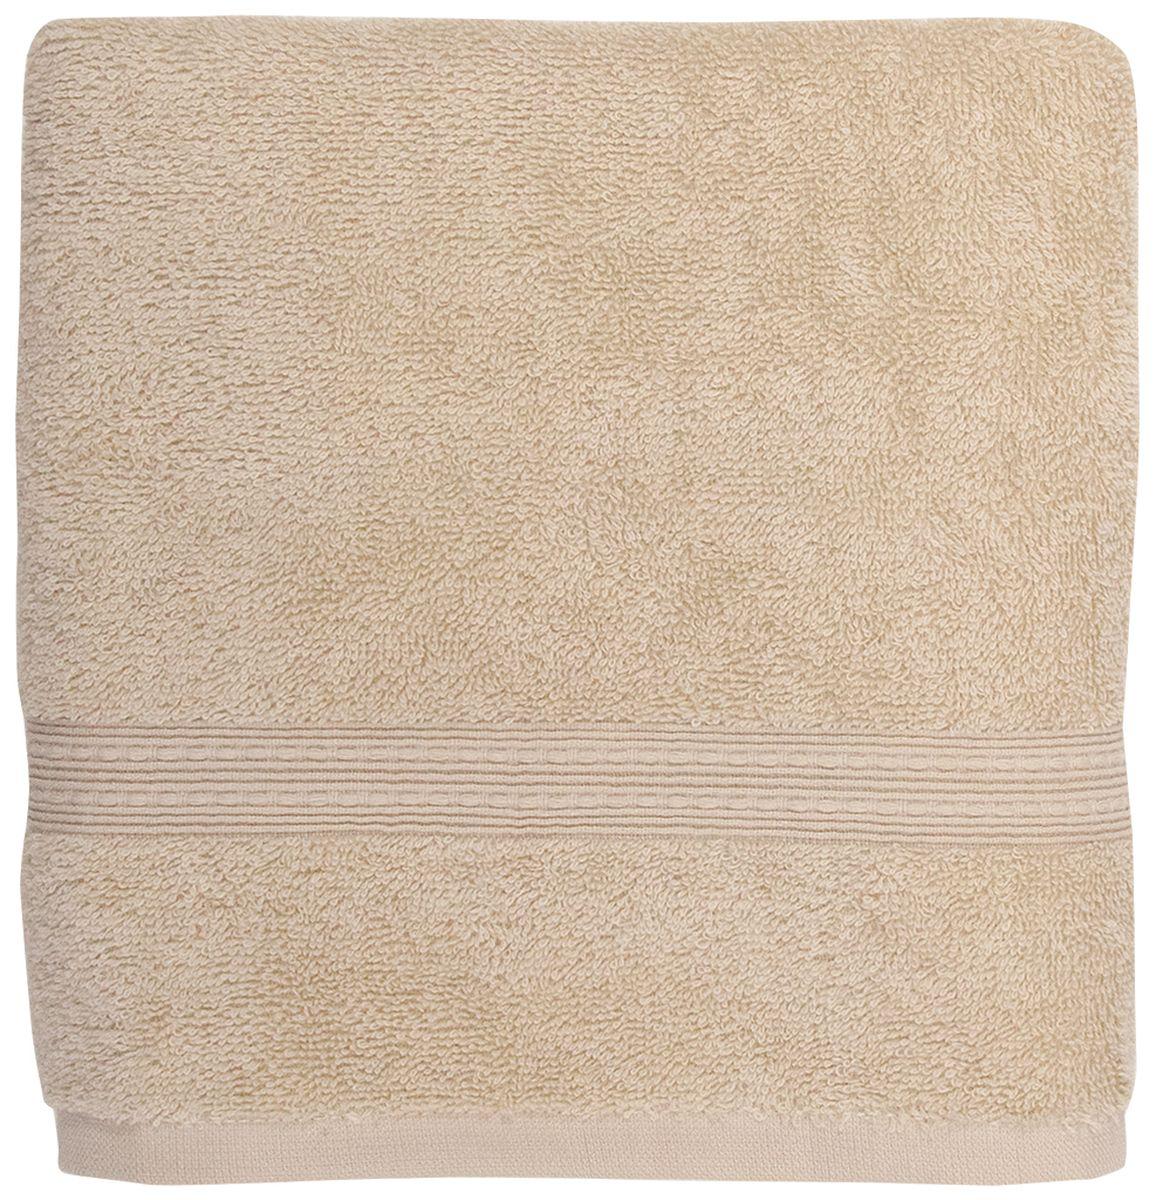 Полотенце банное Bonita Classic, цвет: бисквит, 70 х 140 см1011217224Банное полотенце Bonita Classic выполнено из 100% хлопка. Изделие отлично впитывает влагу, быстро сохнет, сохраняет яркость цвета и не теряет форму даже после многократных стирок. Такое полотенце очень практично и неприхотливо в уходе. Оно создаст прекрасное настроение и украсит интерьер в ванной комнате.